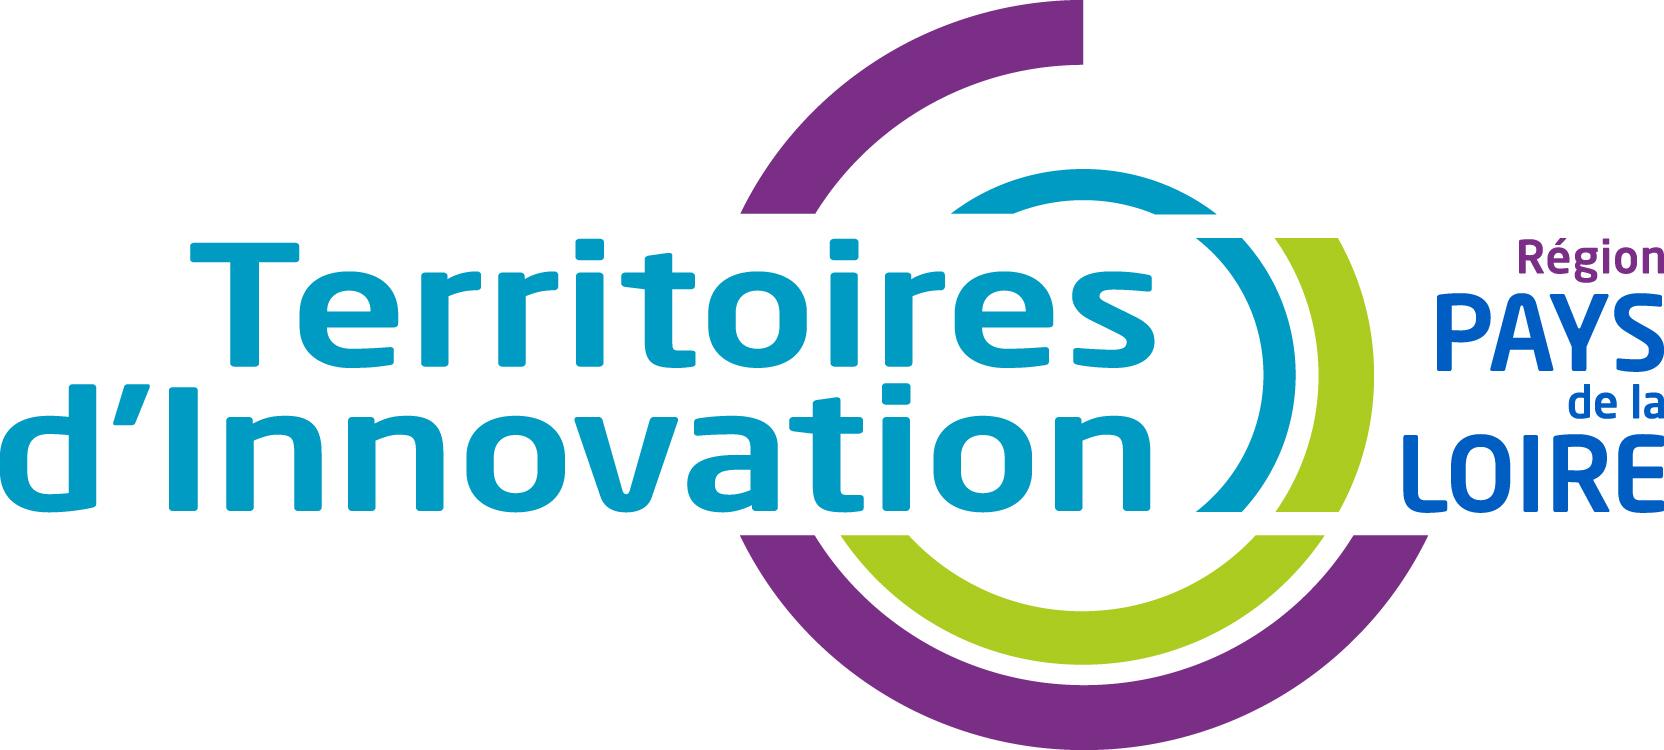 Énergies Marines Renouvelables Pays de la Loire